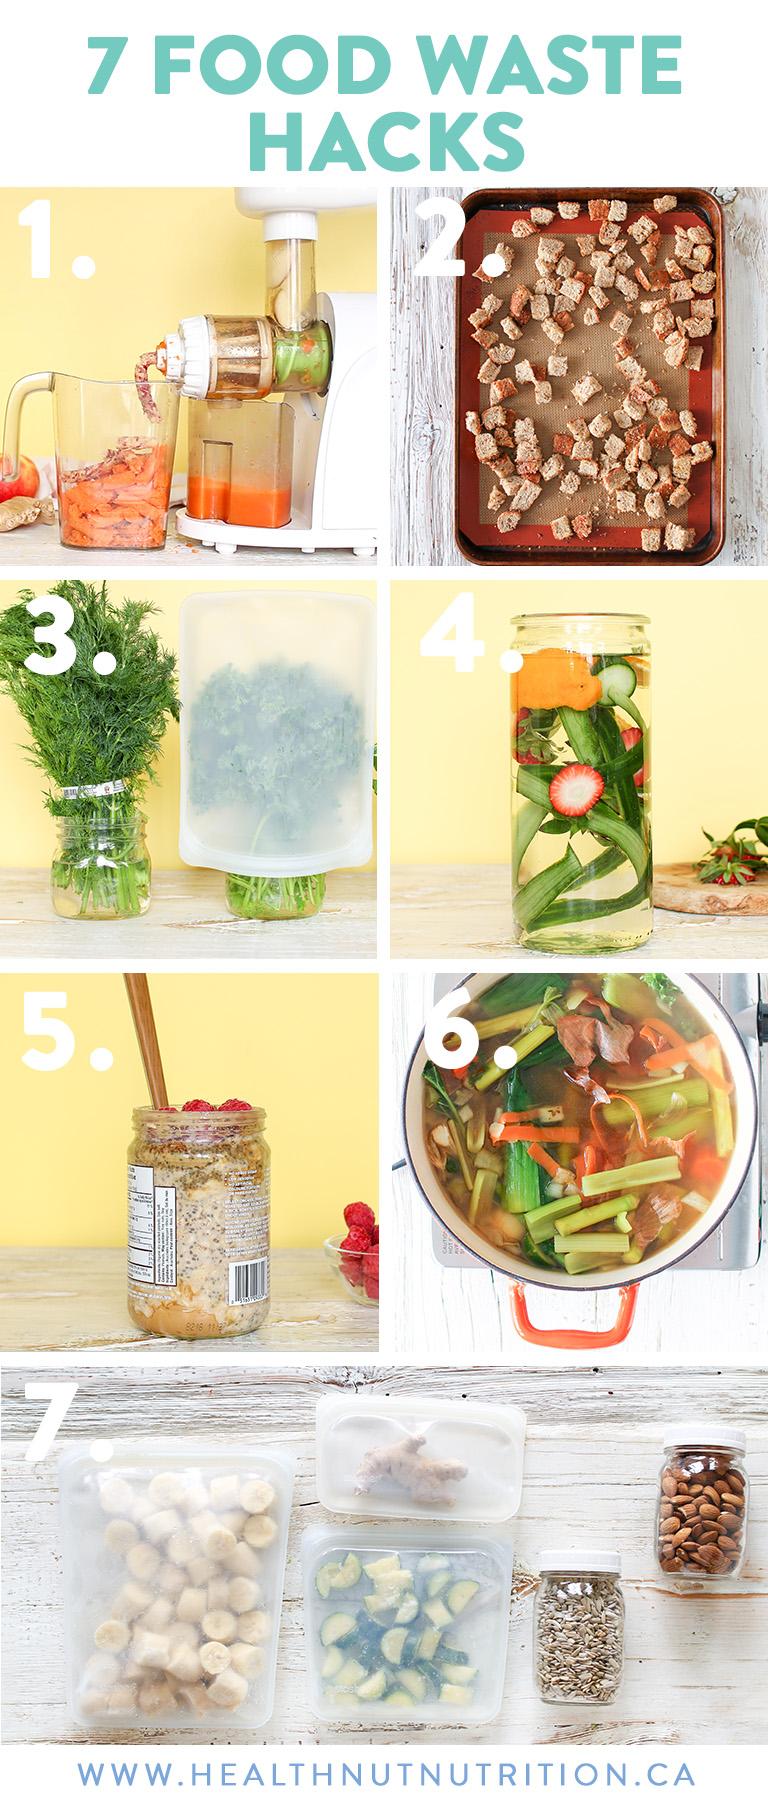 7 Food Waste Hacks